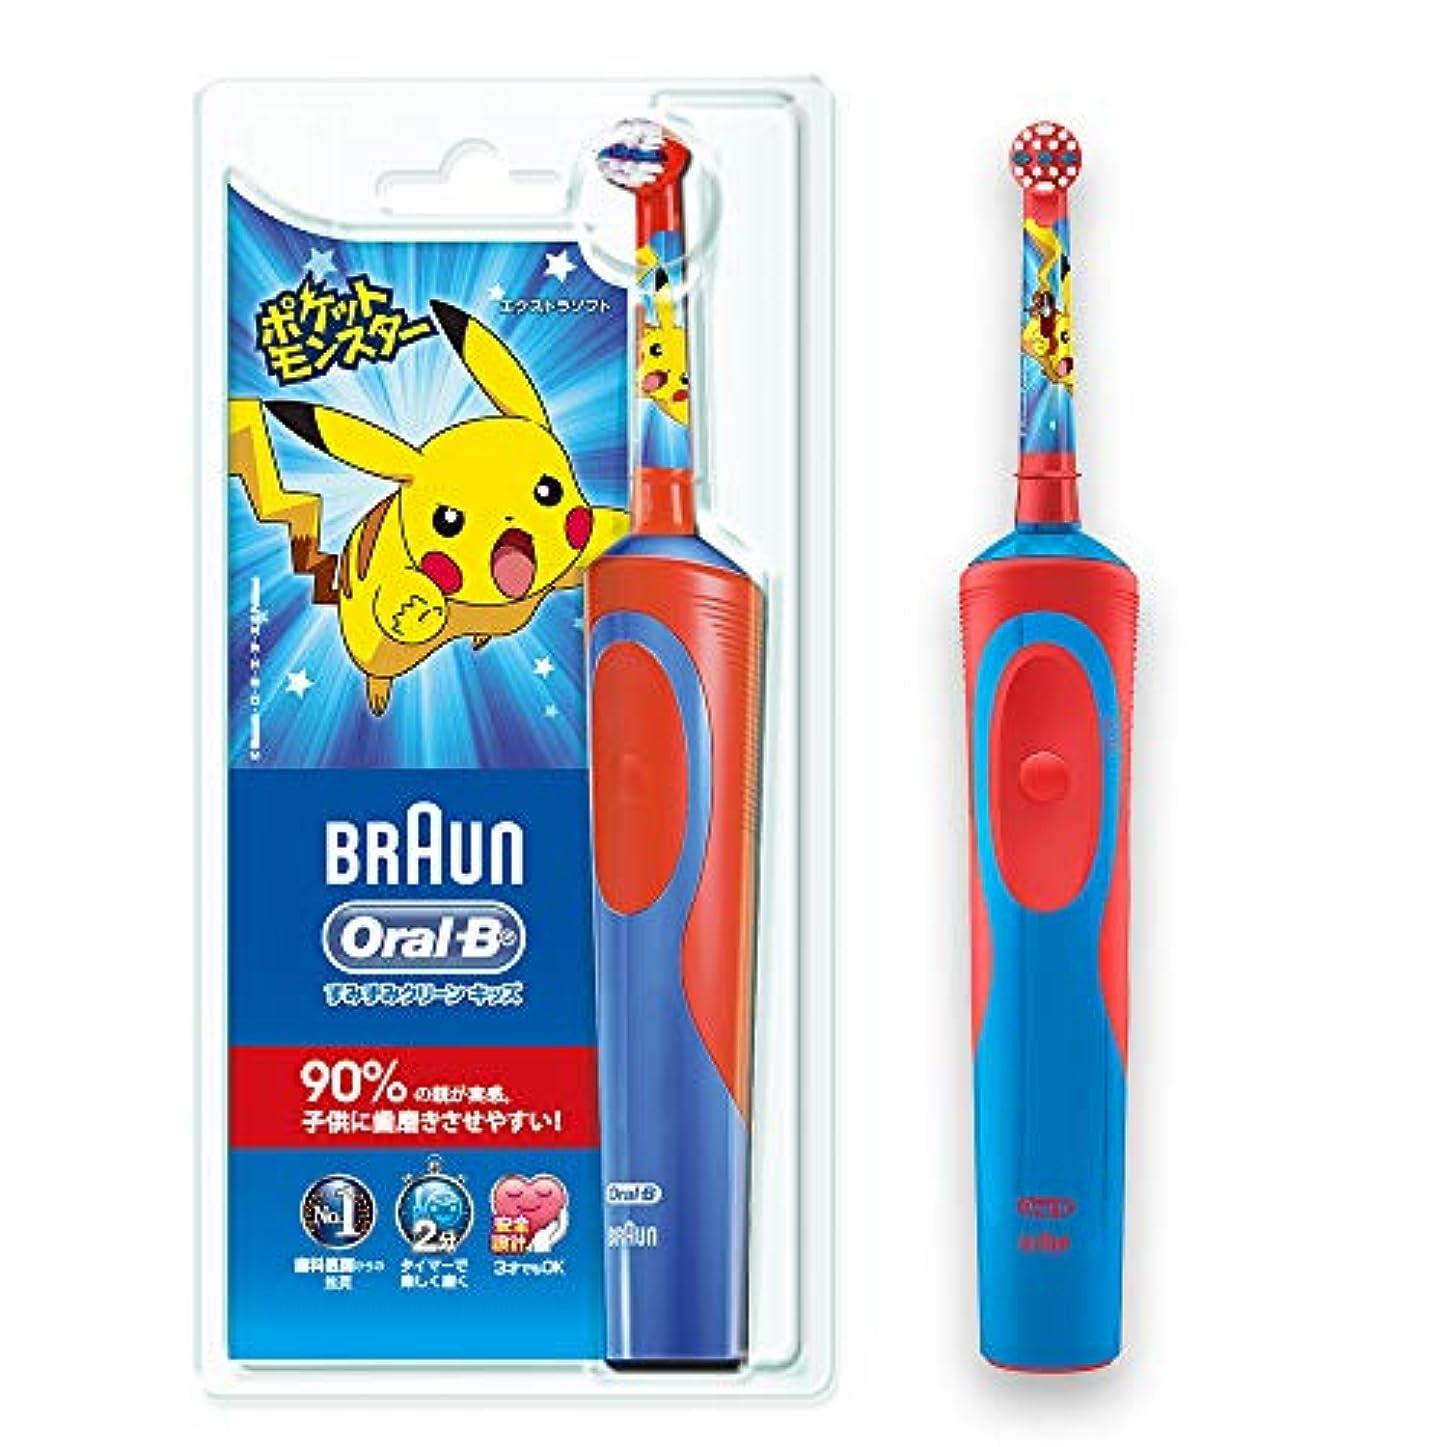 同時スクリーチうるさいブラウン オーラルB 電動歯ブラシ 子供用 D12513KPKMB すみずみクリーンキッズ 本体 レッド ポケモン 歯ブラシ